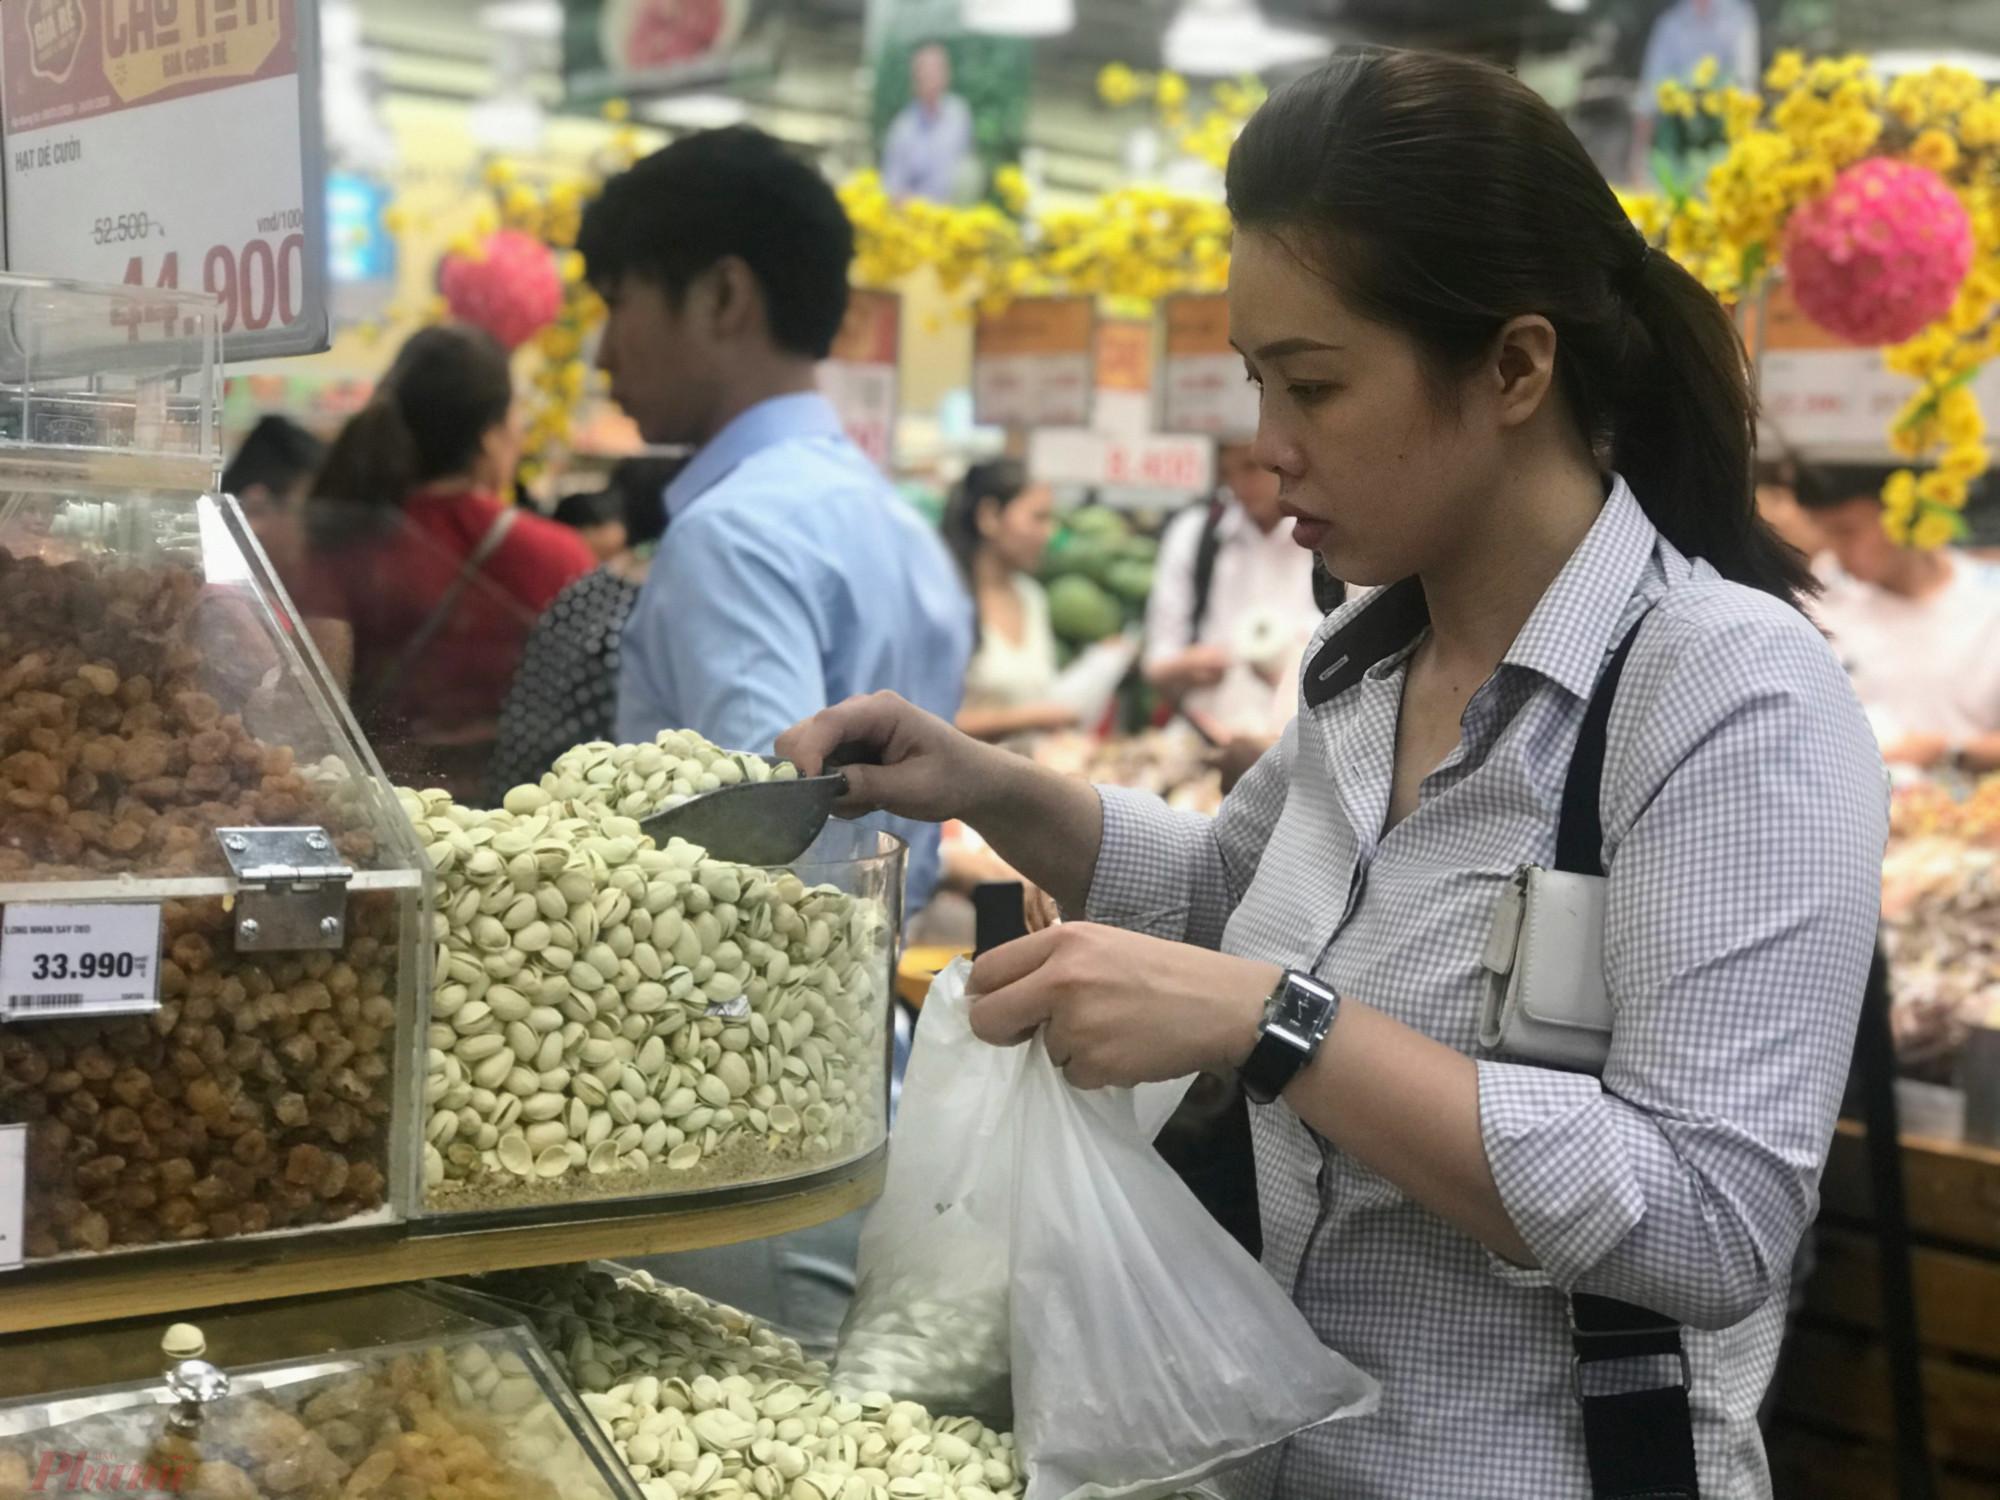 Theo đó giá kẹo mứt dao động từ 120.000-300.000 đồng/kg. Khách mua nhiều các loại mứt bí, rừng, mãng cầu, hạt dẻ cười, hạt điều,...